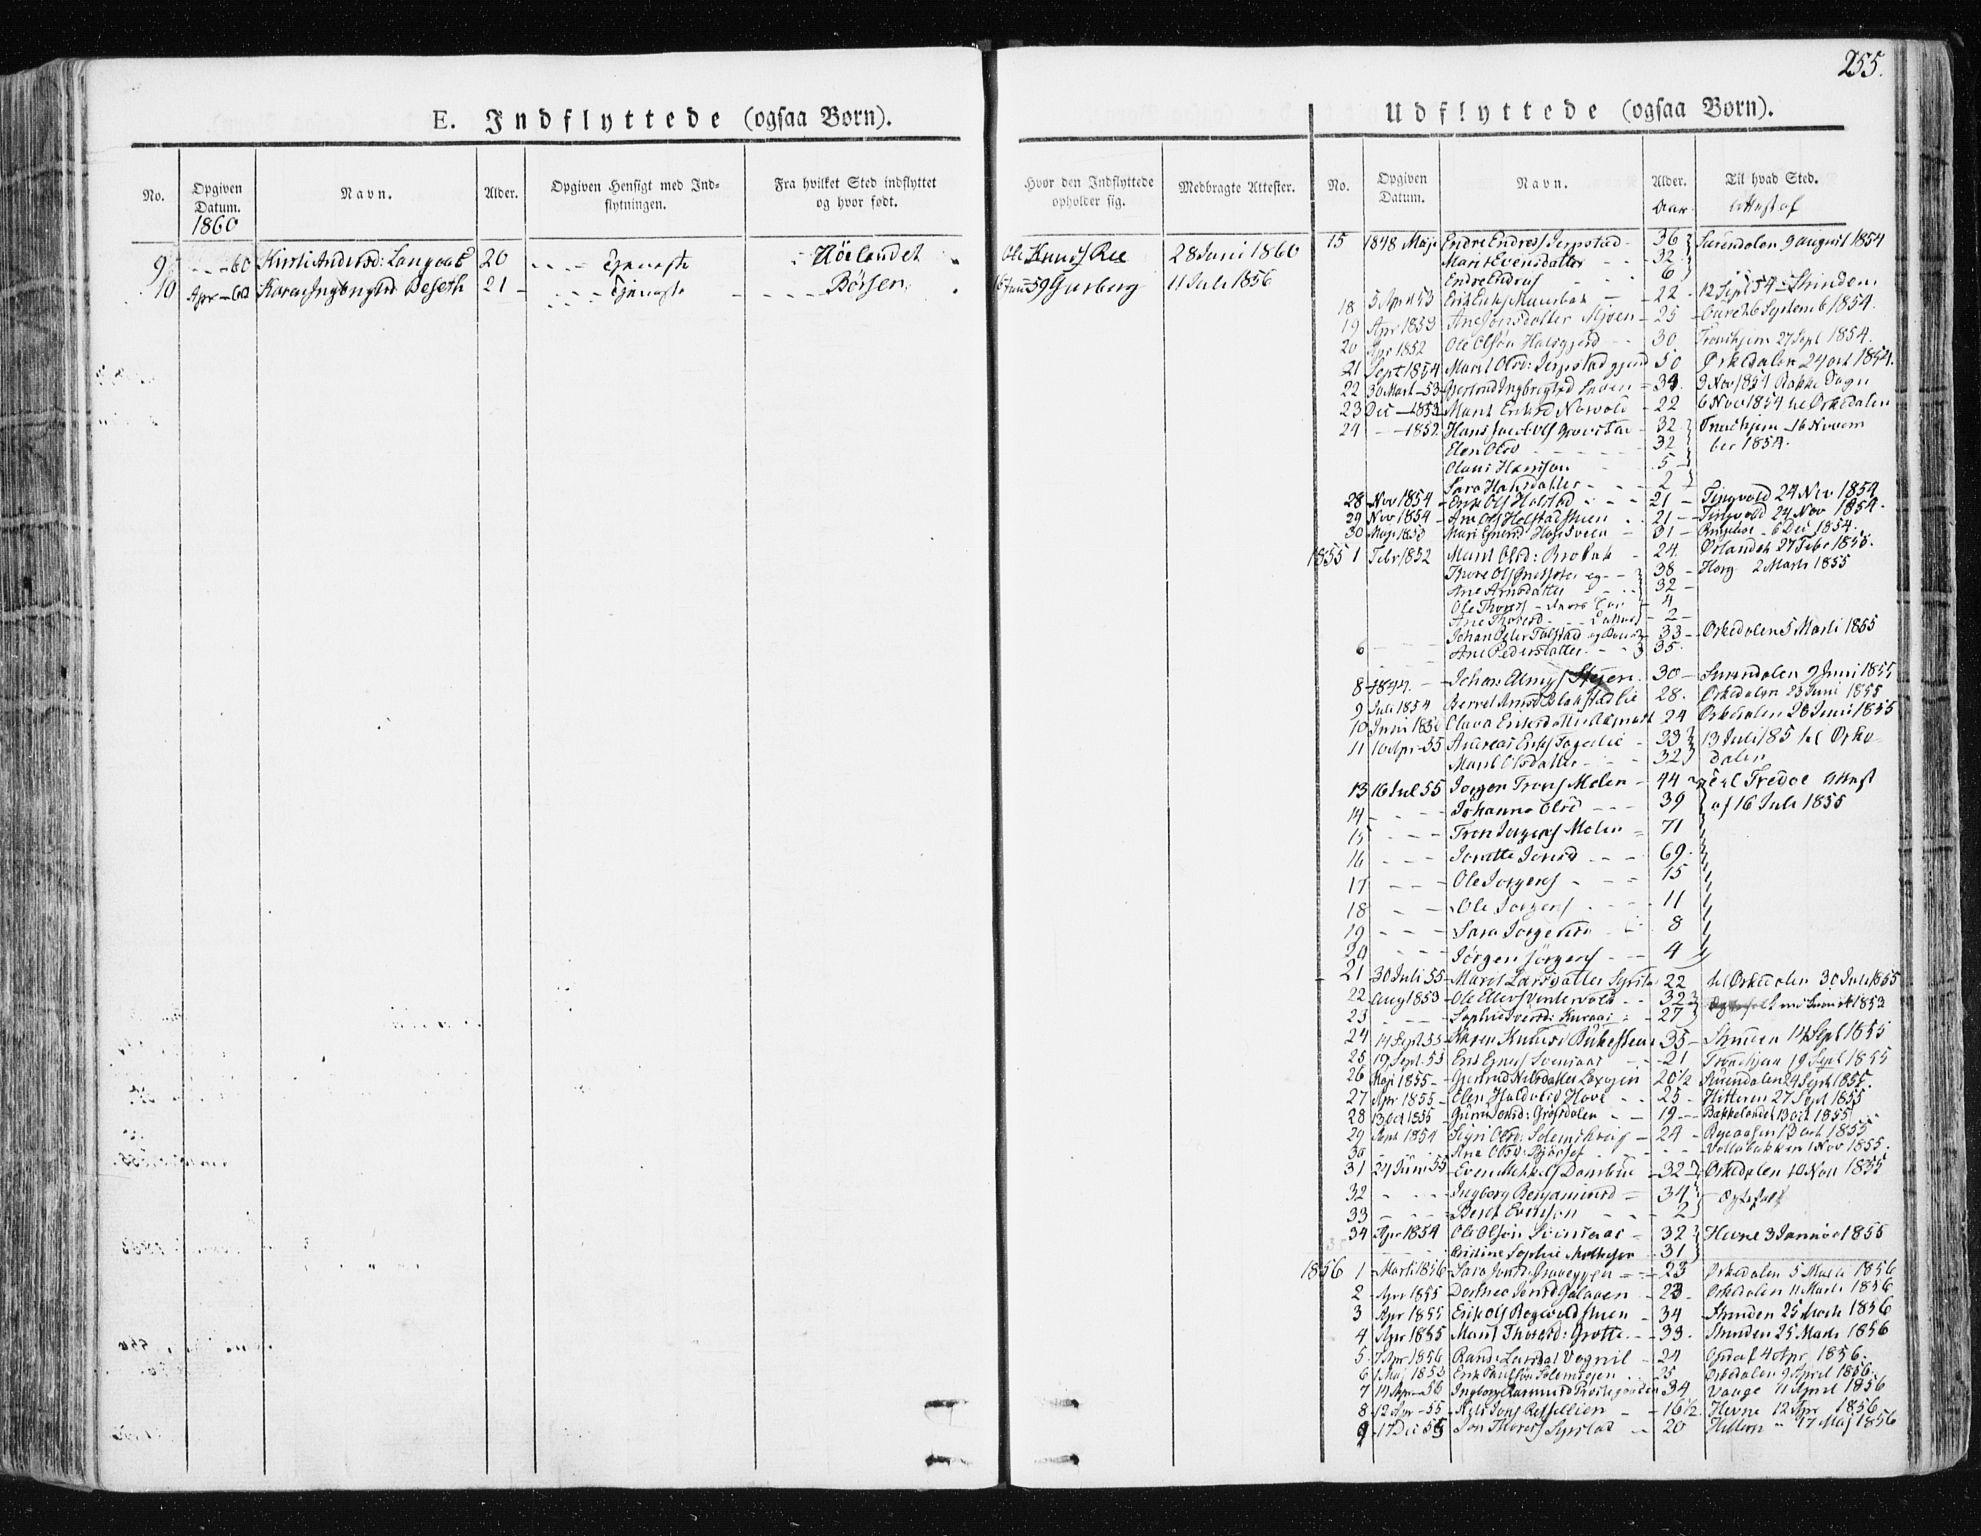 SAT, Ministerialprotokoller, klokkerbøker og fødselsregistre - Sør-Trøndelag, 672/L0855: Ministerialbok nr. 672A07, 1829-1860, s. 255